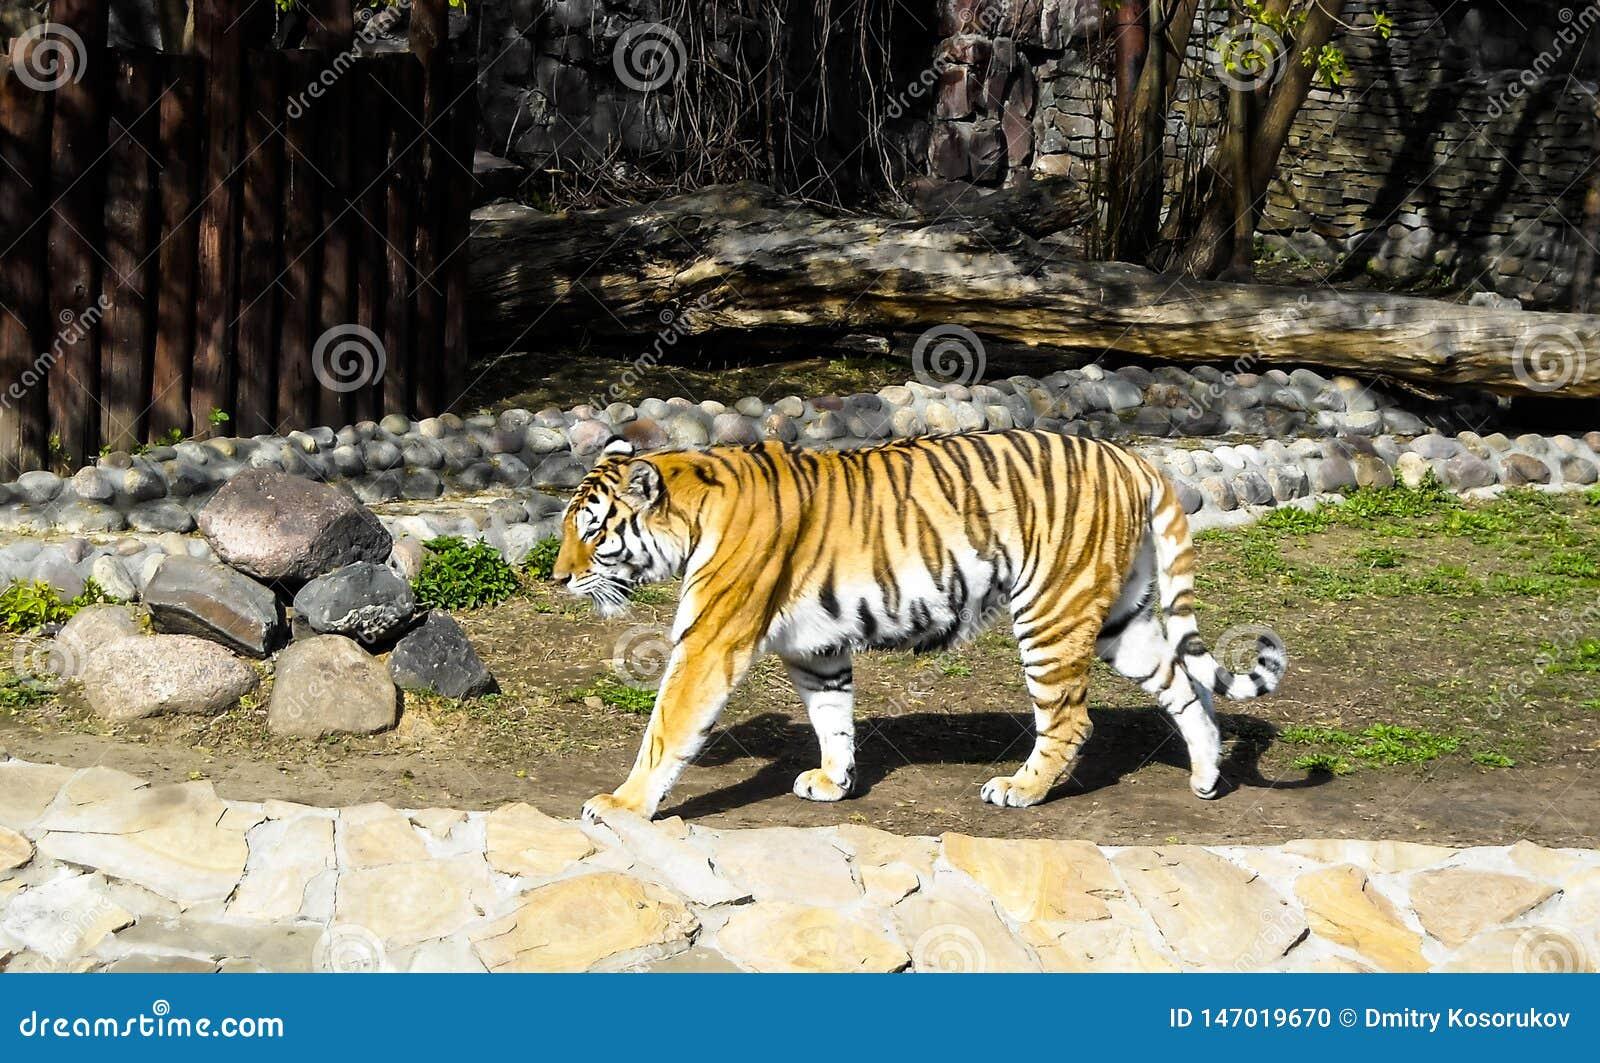 Tigre listrado no jardim zool?gico